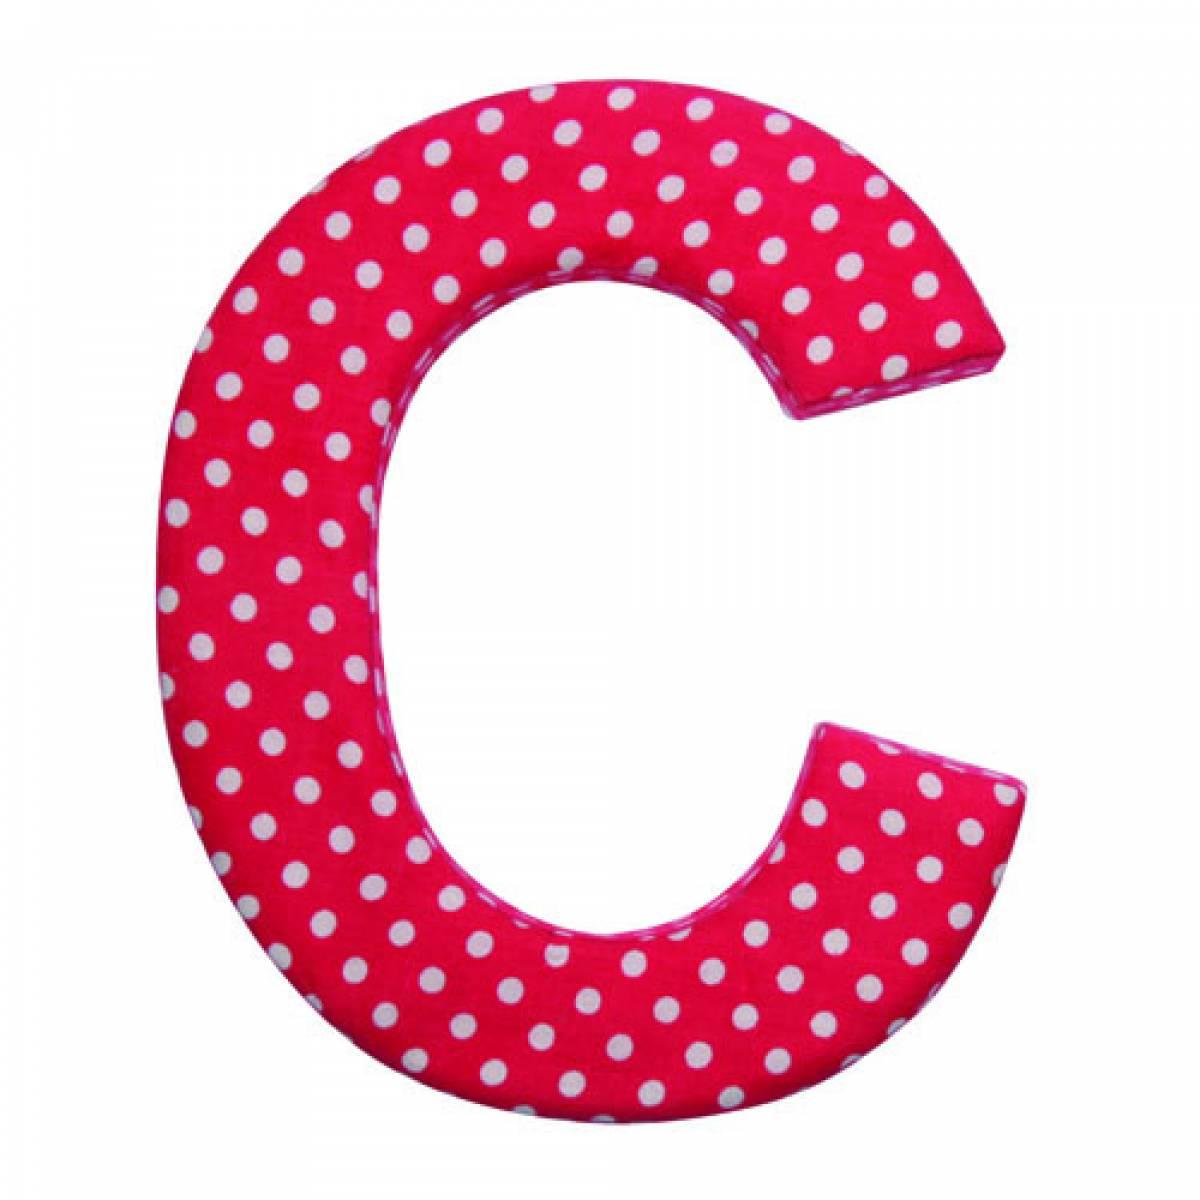 ��� ��� C , ��� ��� C ������ , ������ ����� 2016 letter C pictures